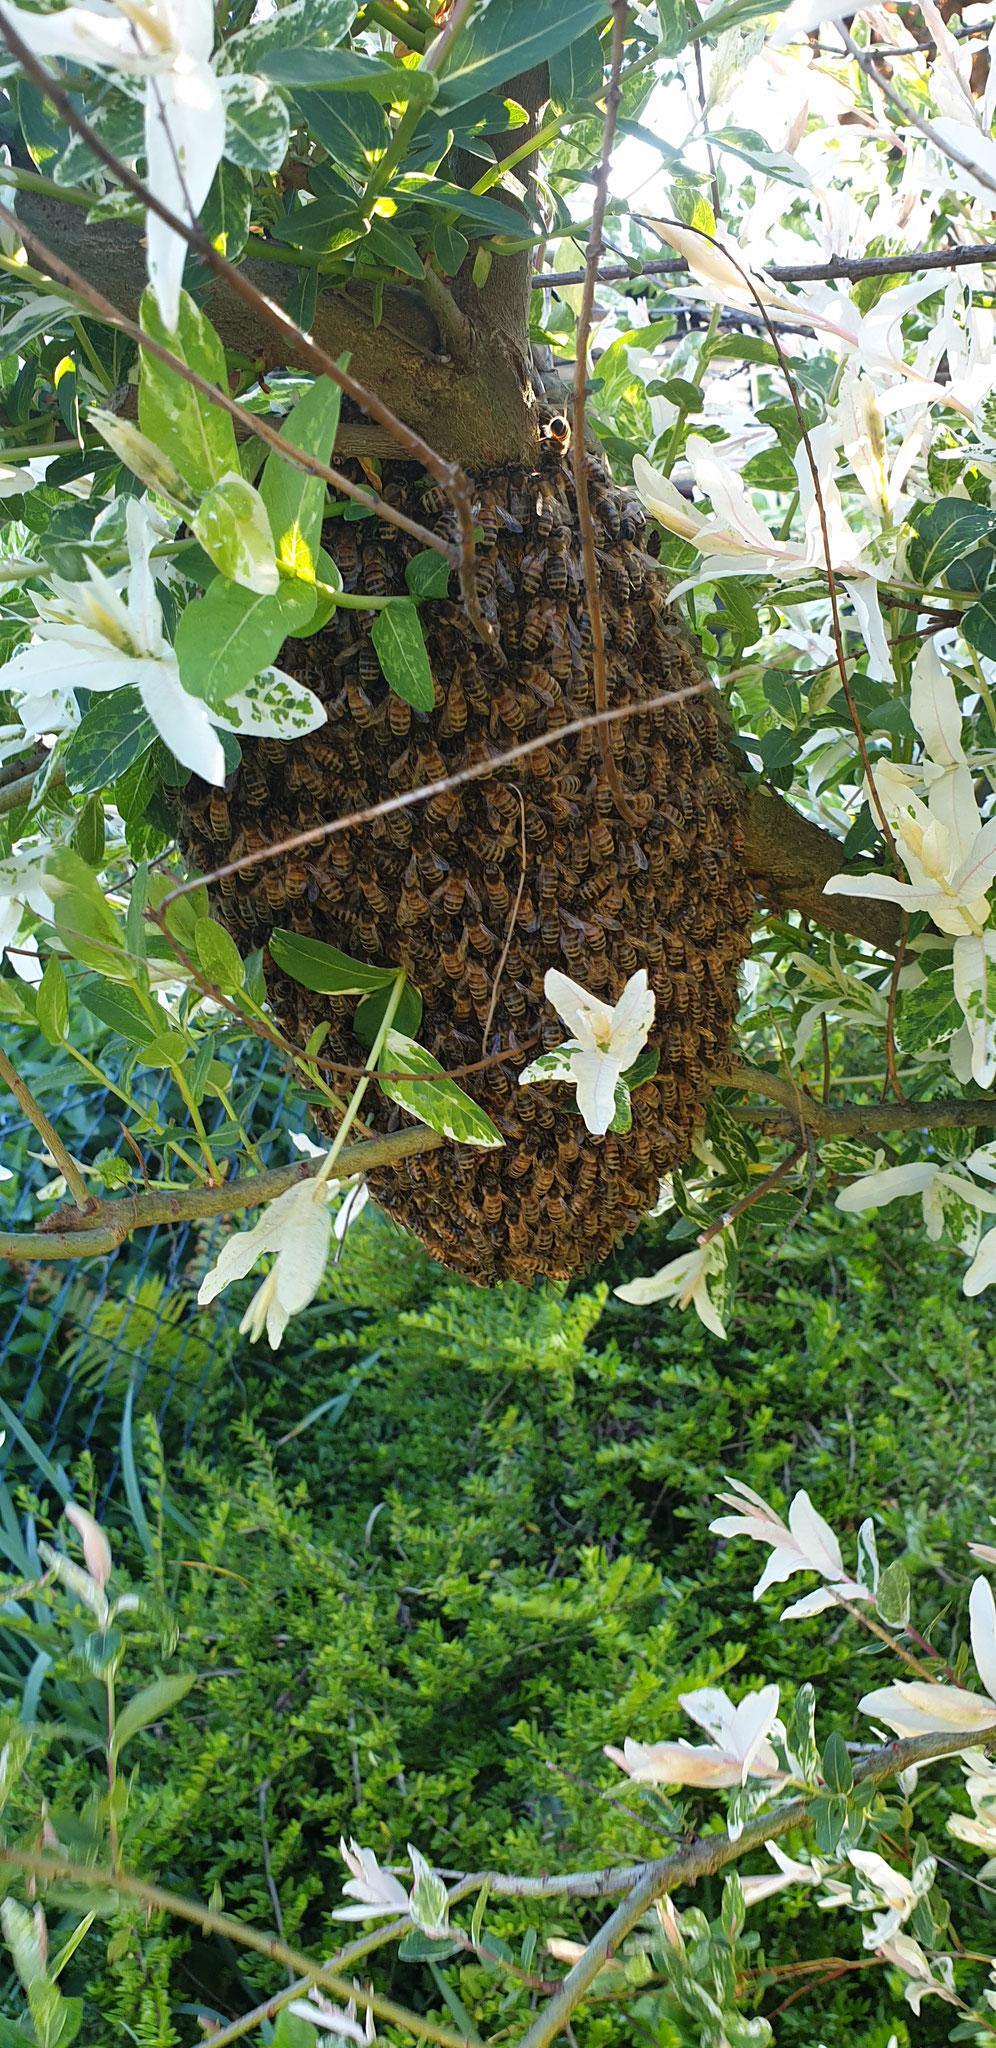 Schwarm im Weidenbaum in angenehmer Arbeitshöhre von 1,20m